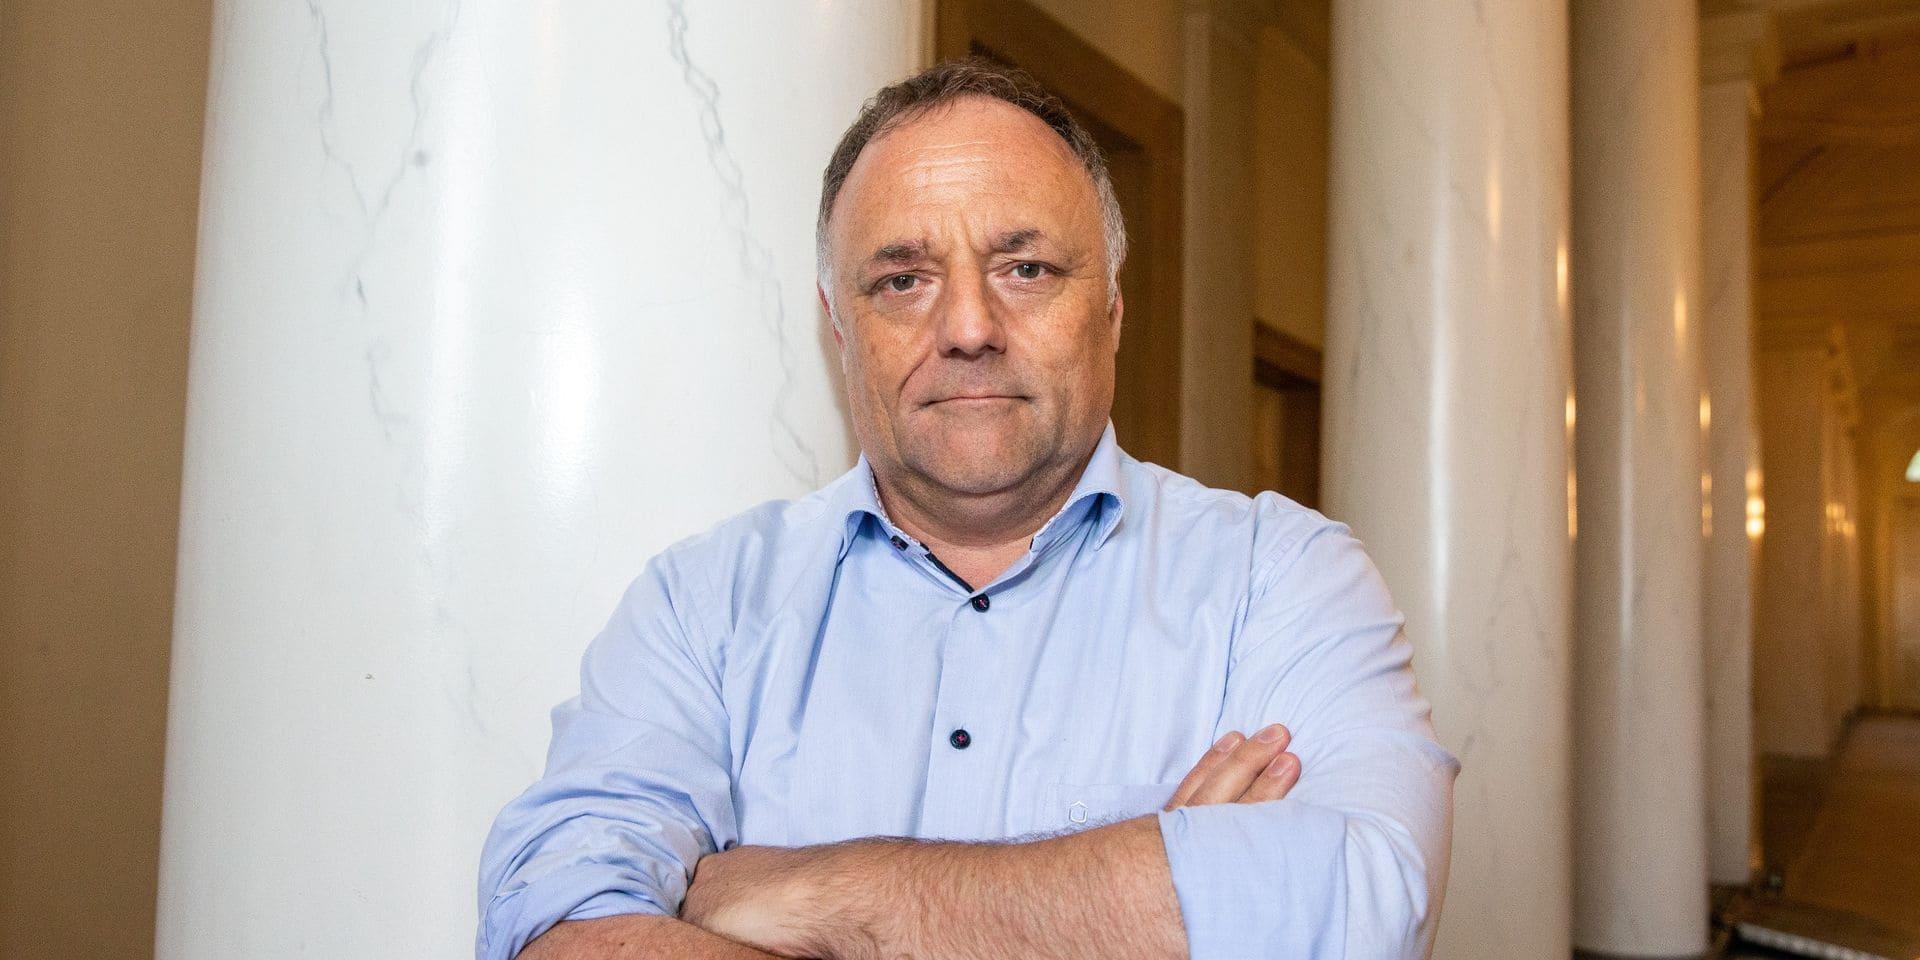 Marc Van Ranst, citoyen d'honneur de Willebroek? La proposition de Vooruit ne plaît pas à tout le monde